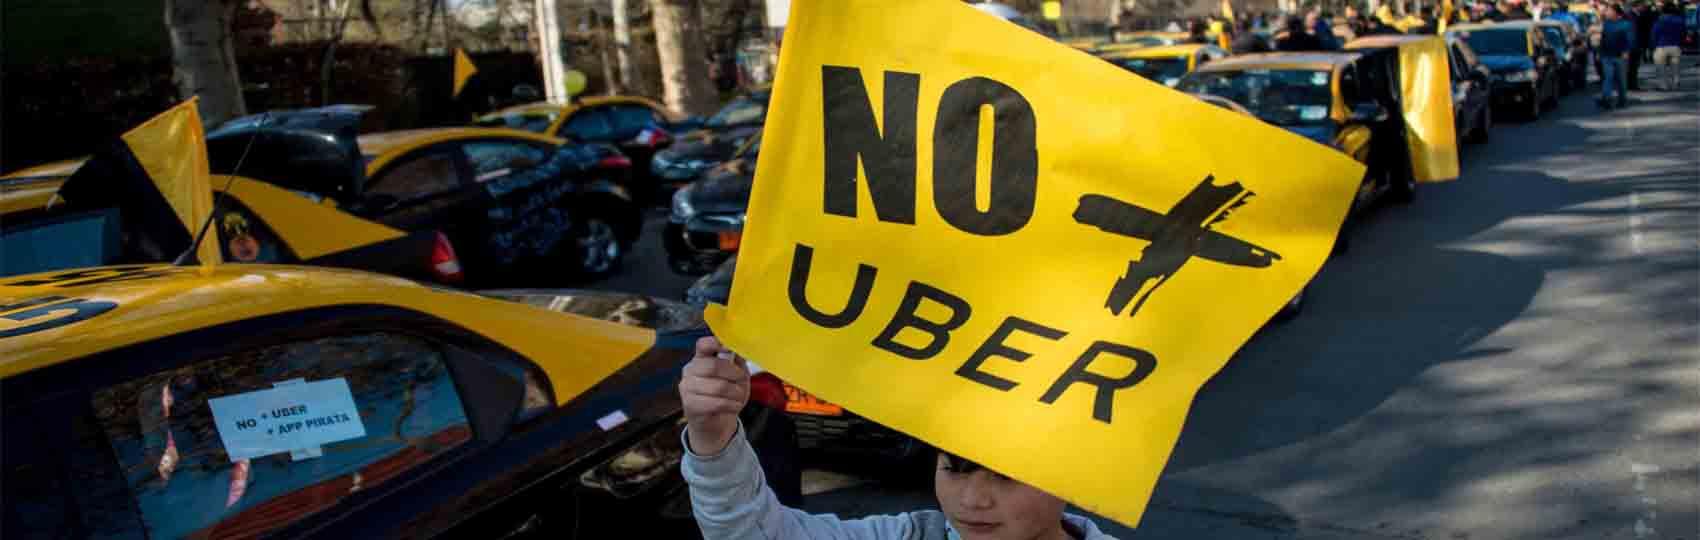 Noticias del sector del taxi y la movilidad en Chile. Mantente informado de todas las noticias del taxi de Chile en el grupo de Facebook de Todo Taxi.